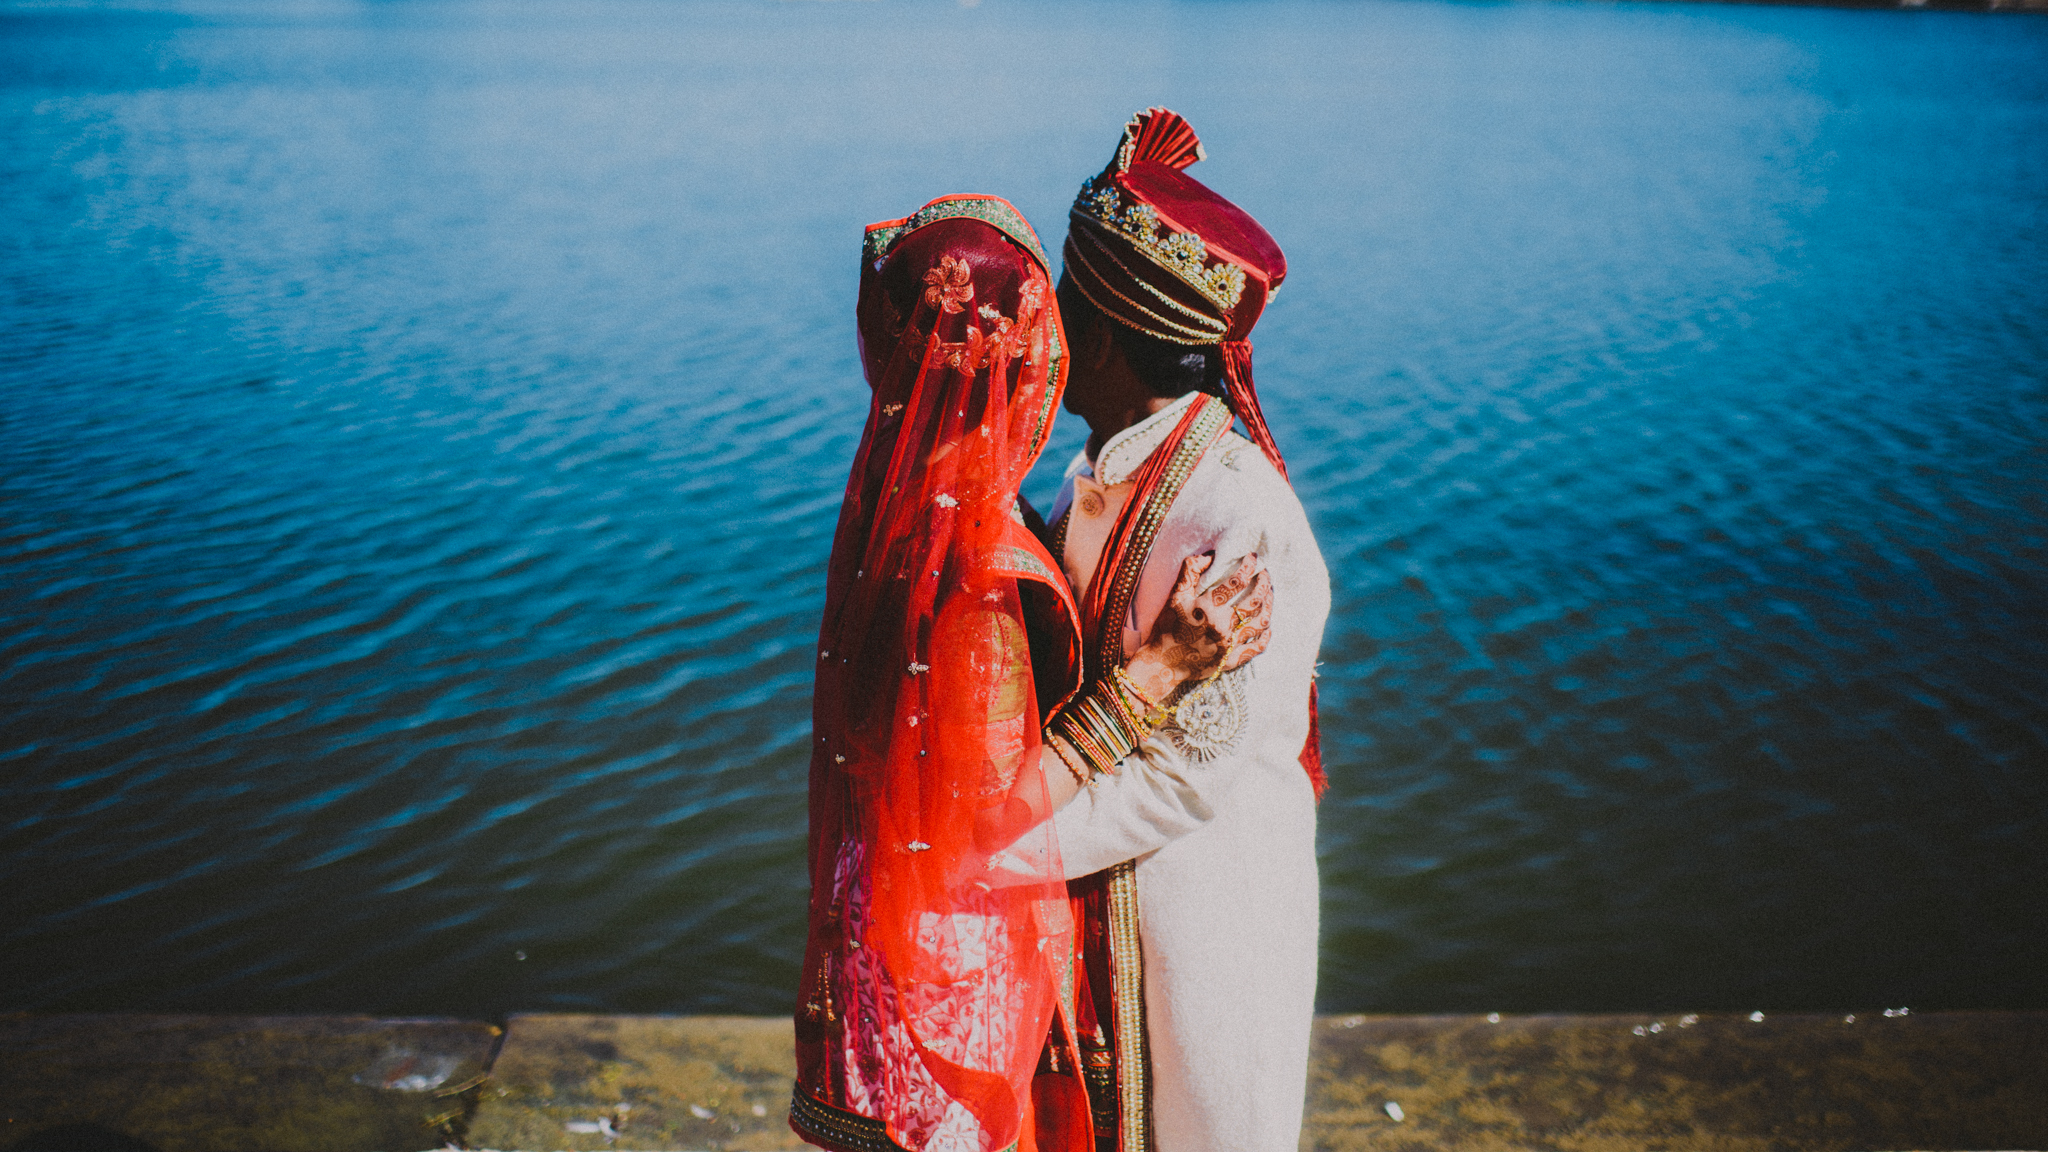 orlando_wedding_photographer_florida_gian_carlo_photography_043.jpg